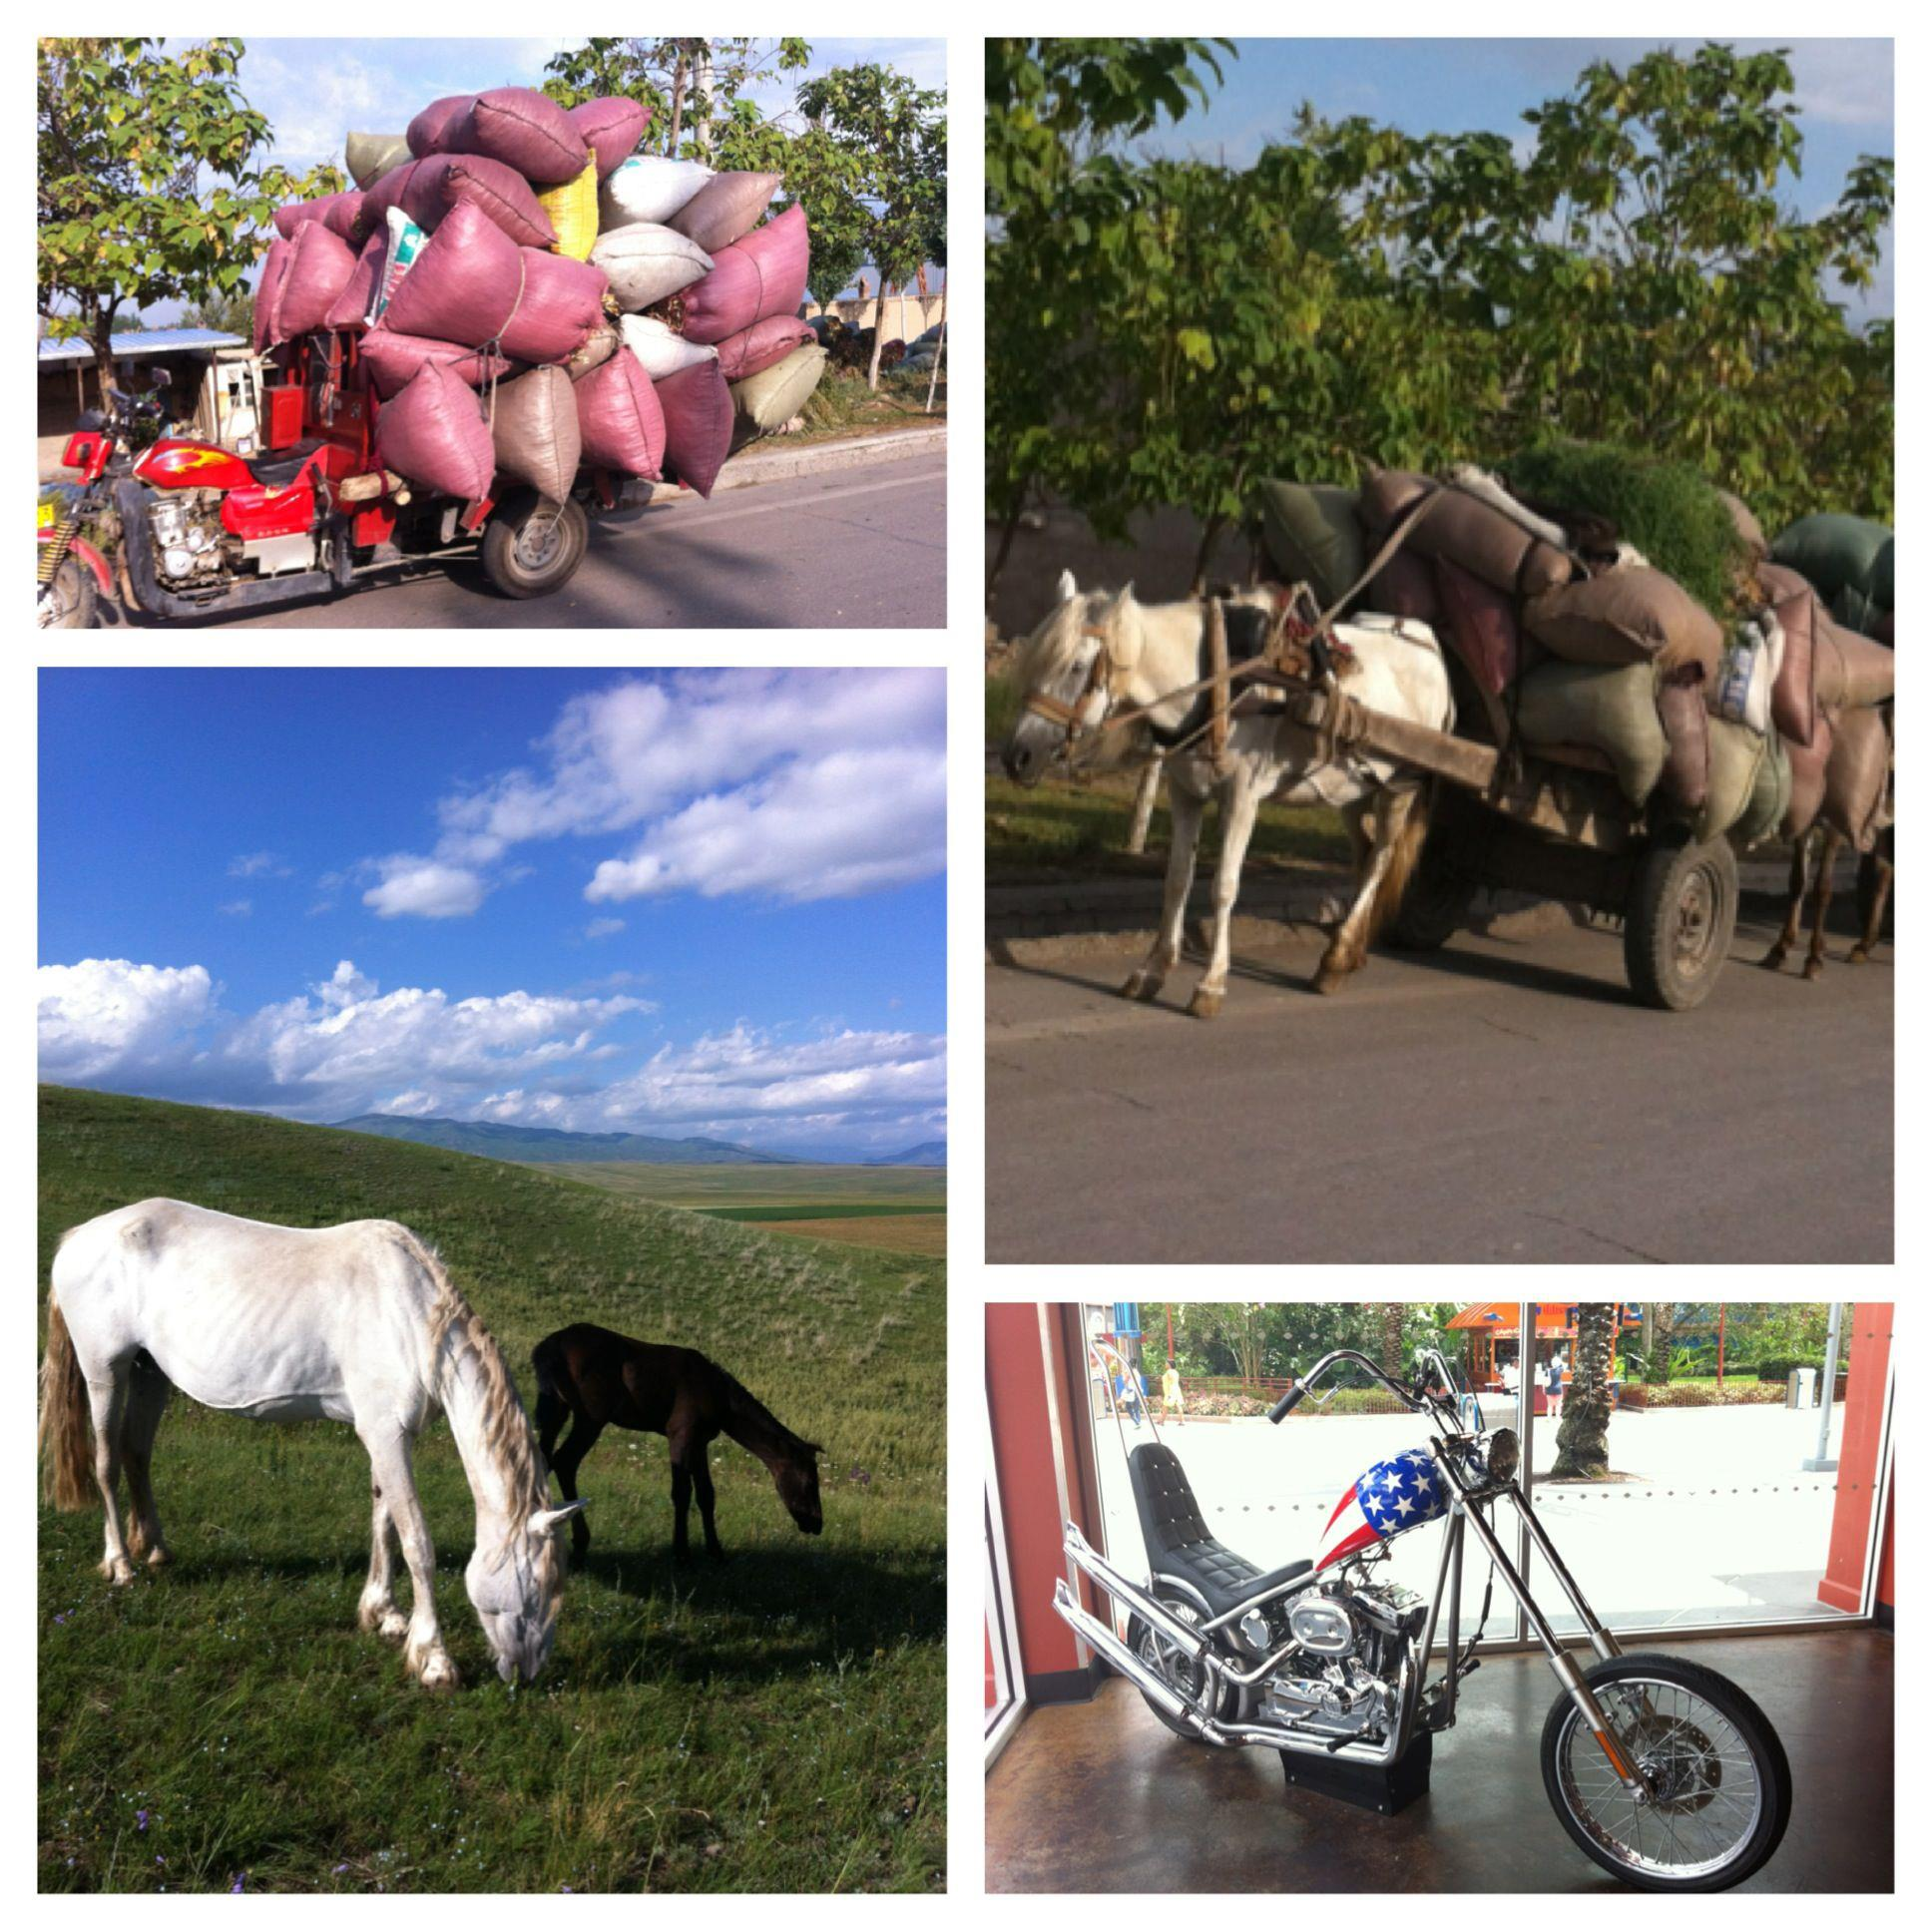 中國新疆昭蘇草原中國西域賽馬場及沿途道路。右下圖為摩托車品牌 Harley Davidson 在美國的店內。